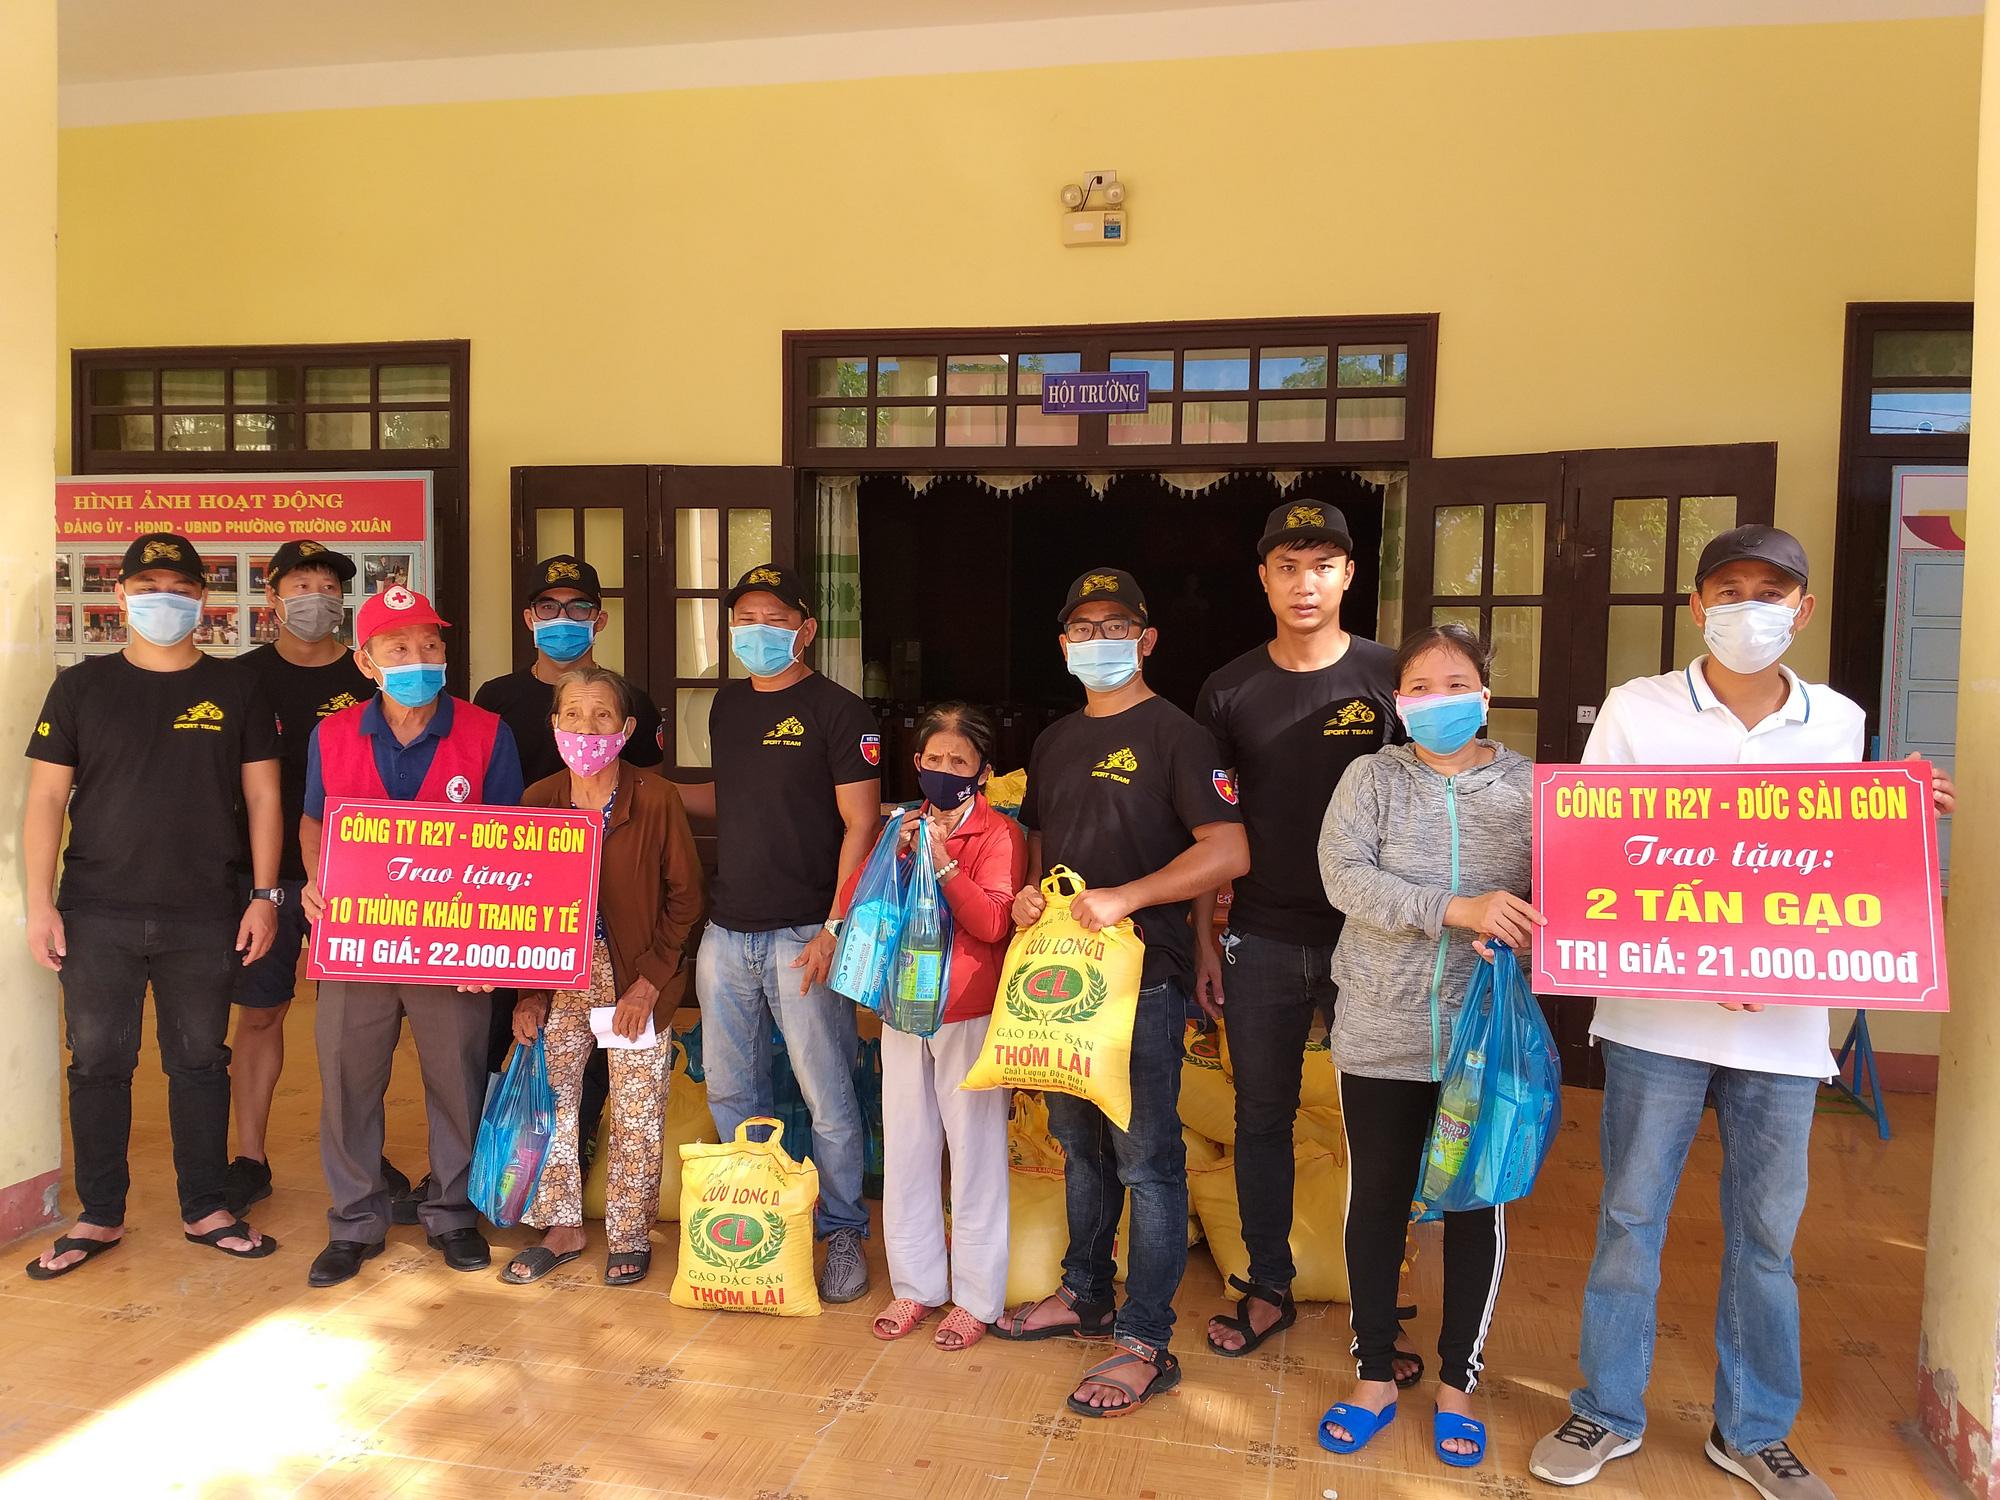 Dịch Covid-19: 400 suất quà đến với người dân khó khăn ở Quảng Nam - Ảnh 3.